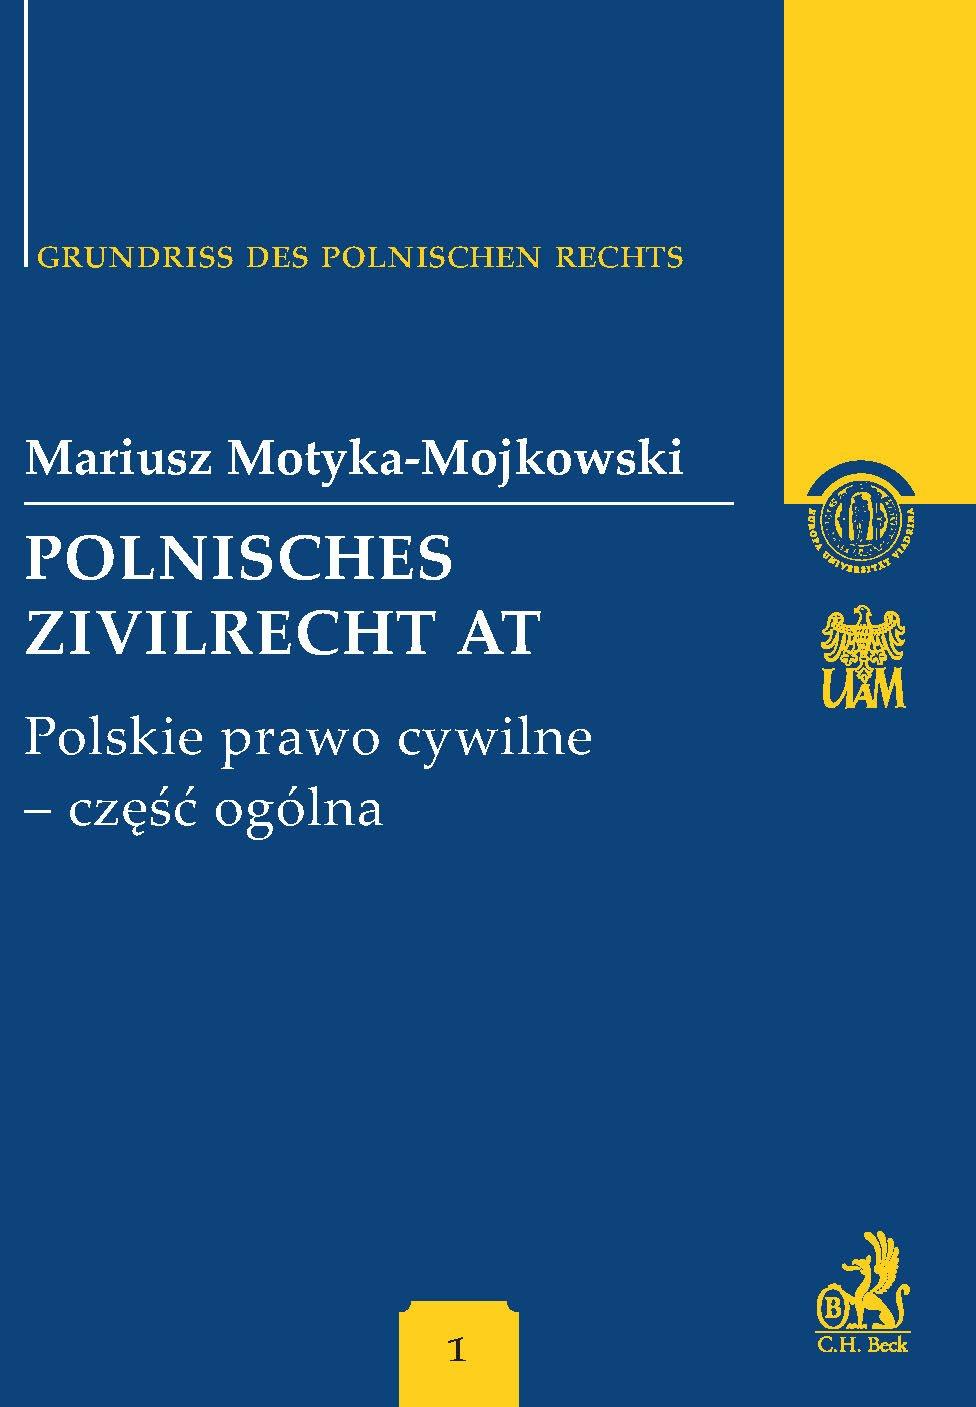 Polnisches Zivilrecht AT. Polskie prawo cywilne - część ogólna Band 1 - Ebook (Książka PDF) do pobrania w formacie PDF